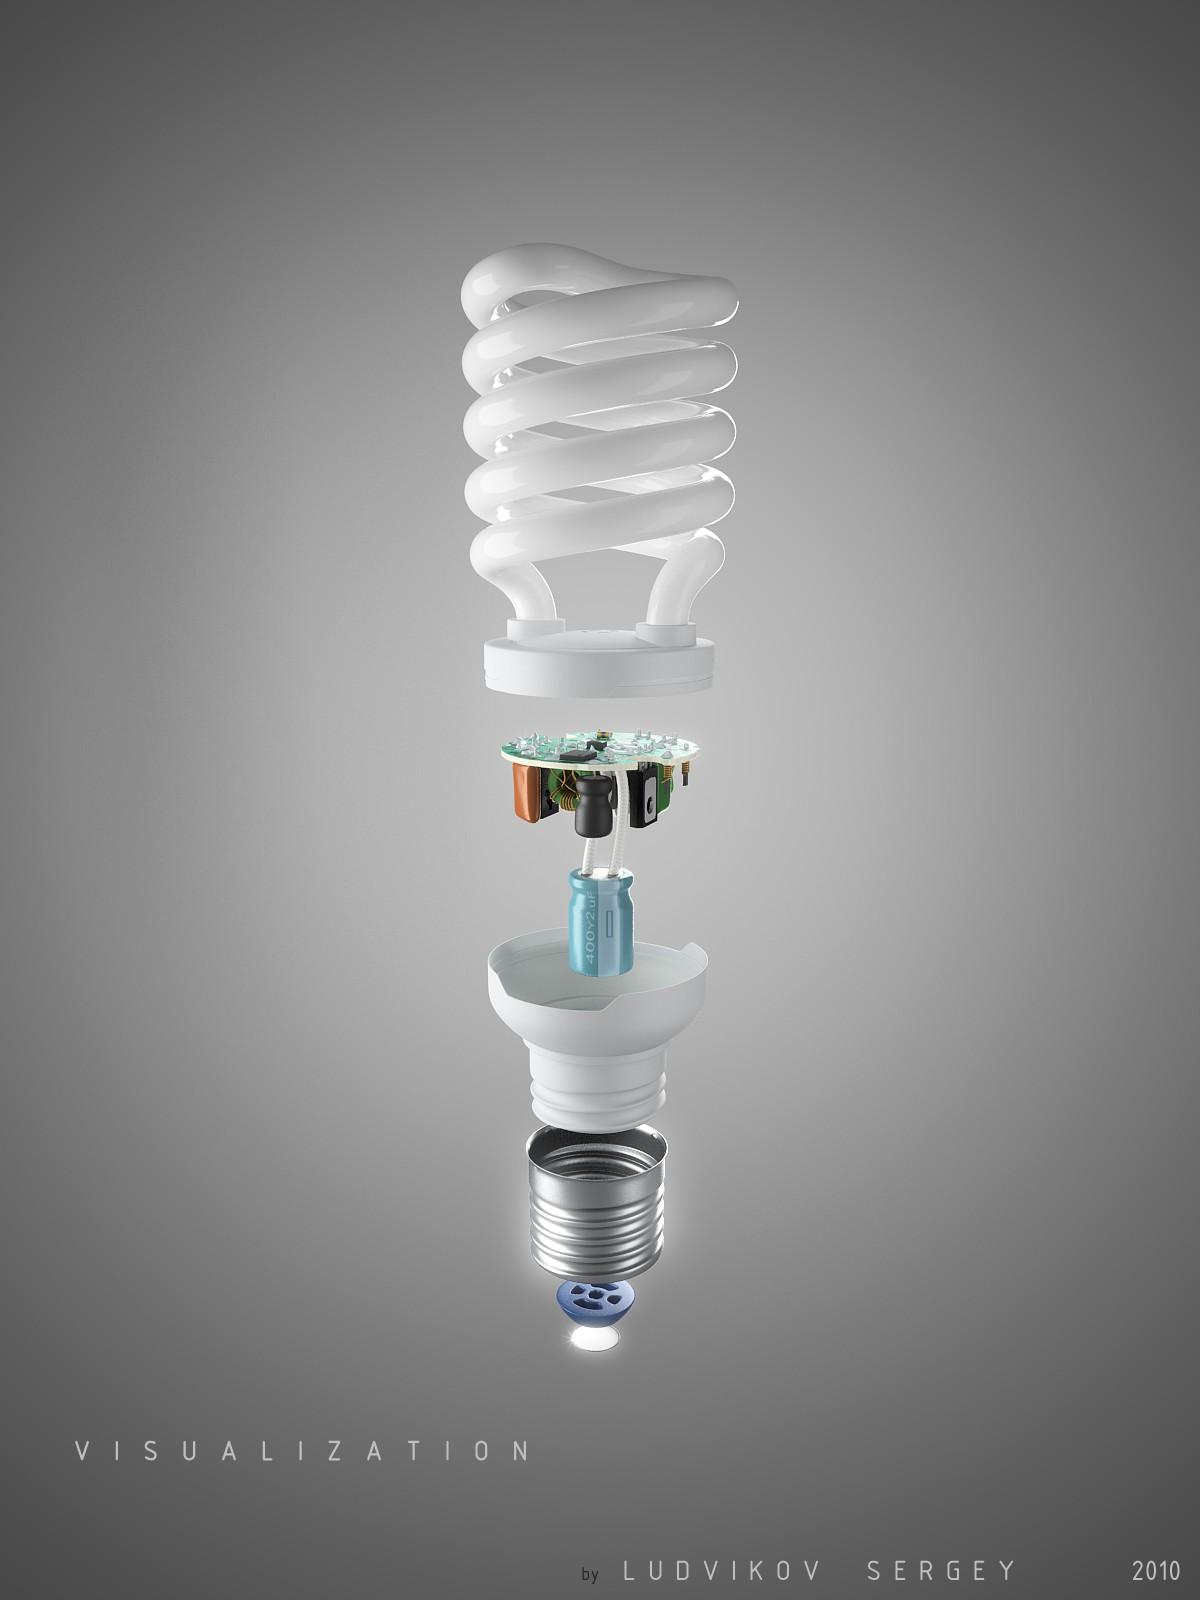 Визуализация лампы. Взрыв-схема